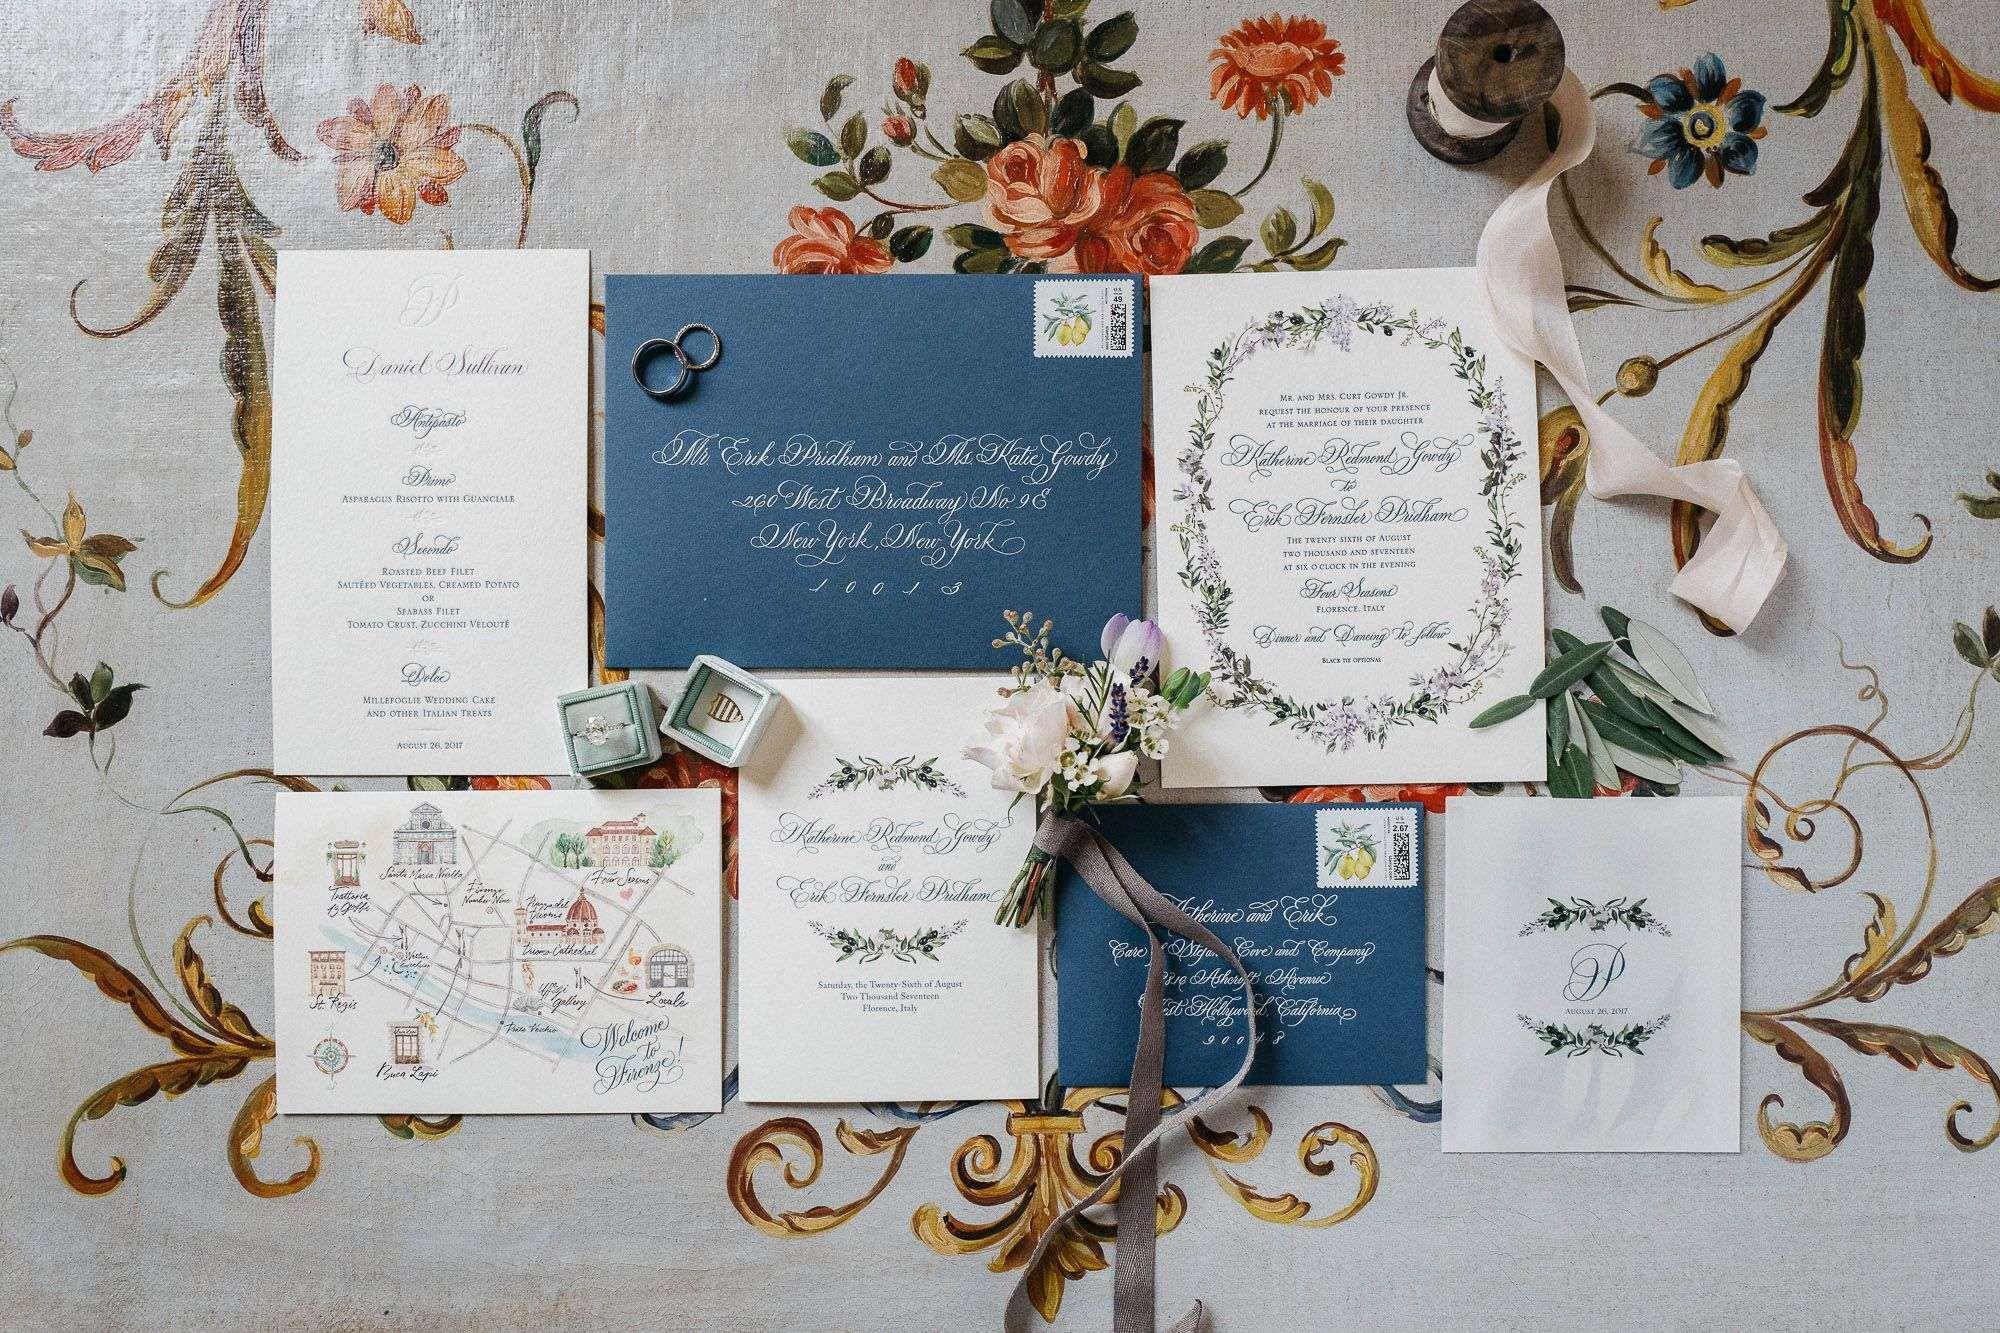 beautiful wedding tree backdrop outdoor ceremony designs